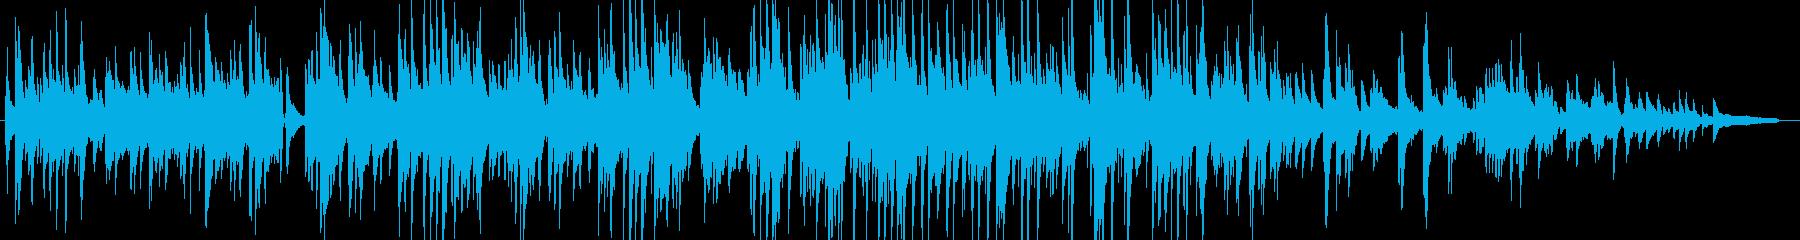 優しく切ないピアノ・ギターの感動バラードの再生済みの波形